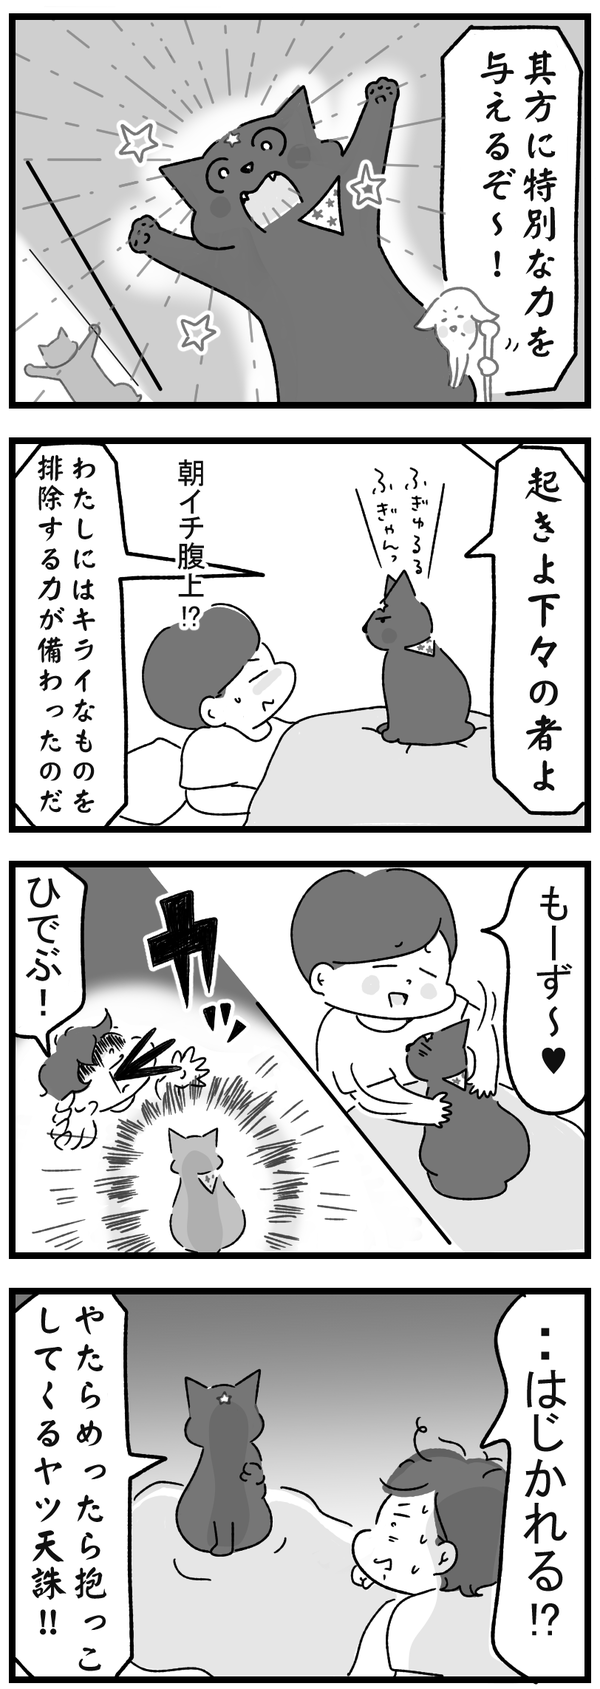 ネコを超える2